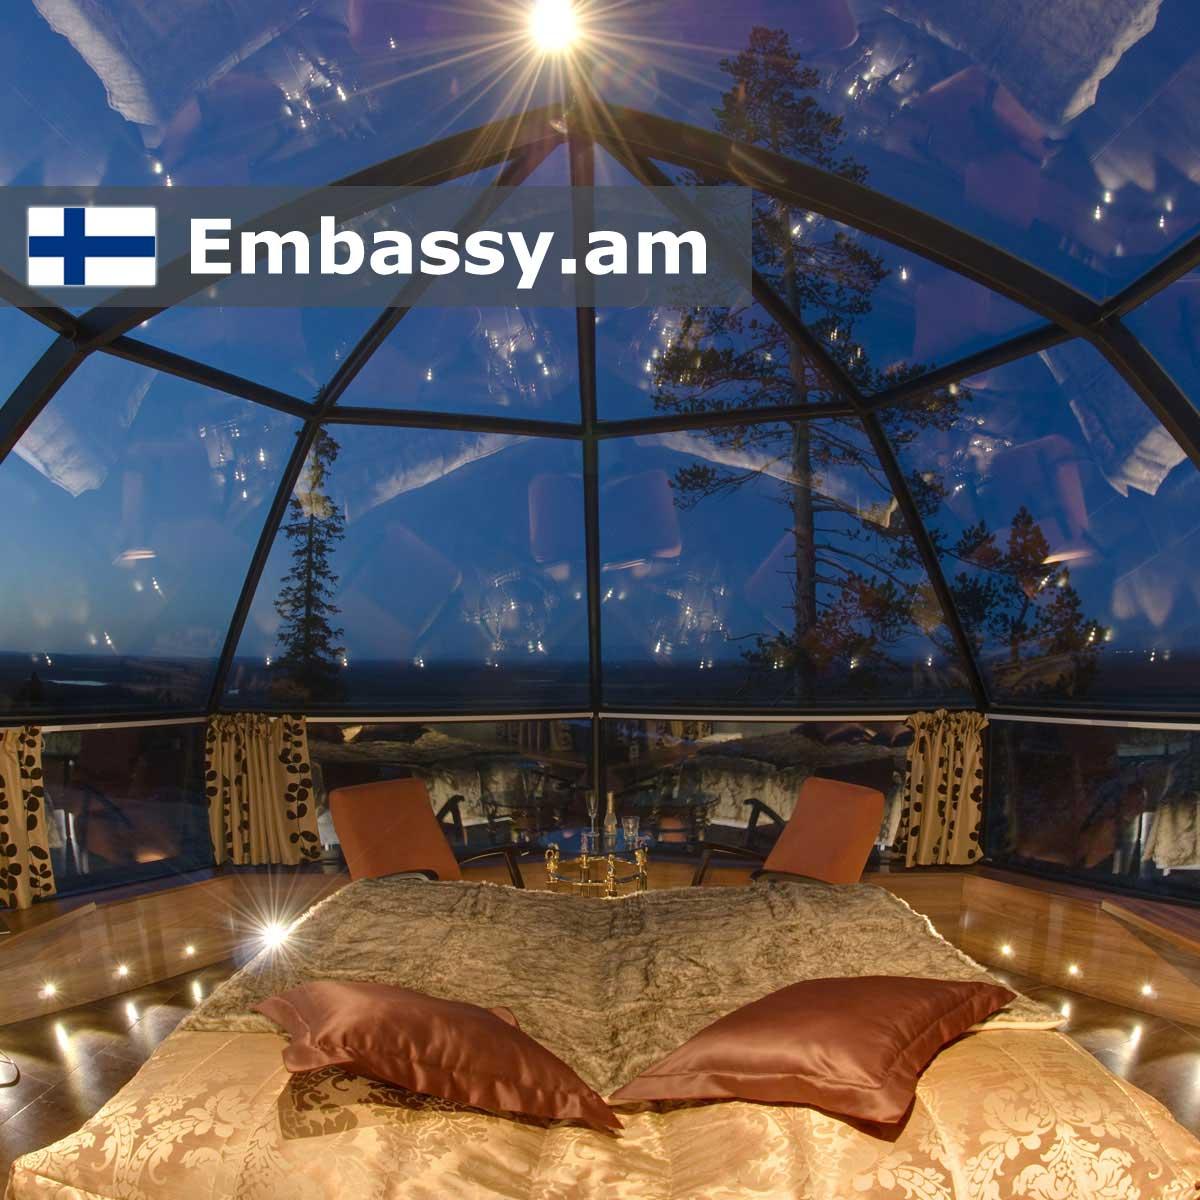 Саариселькя - Отели в Финляндии - Embassy.am